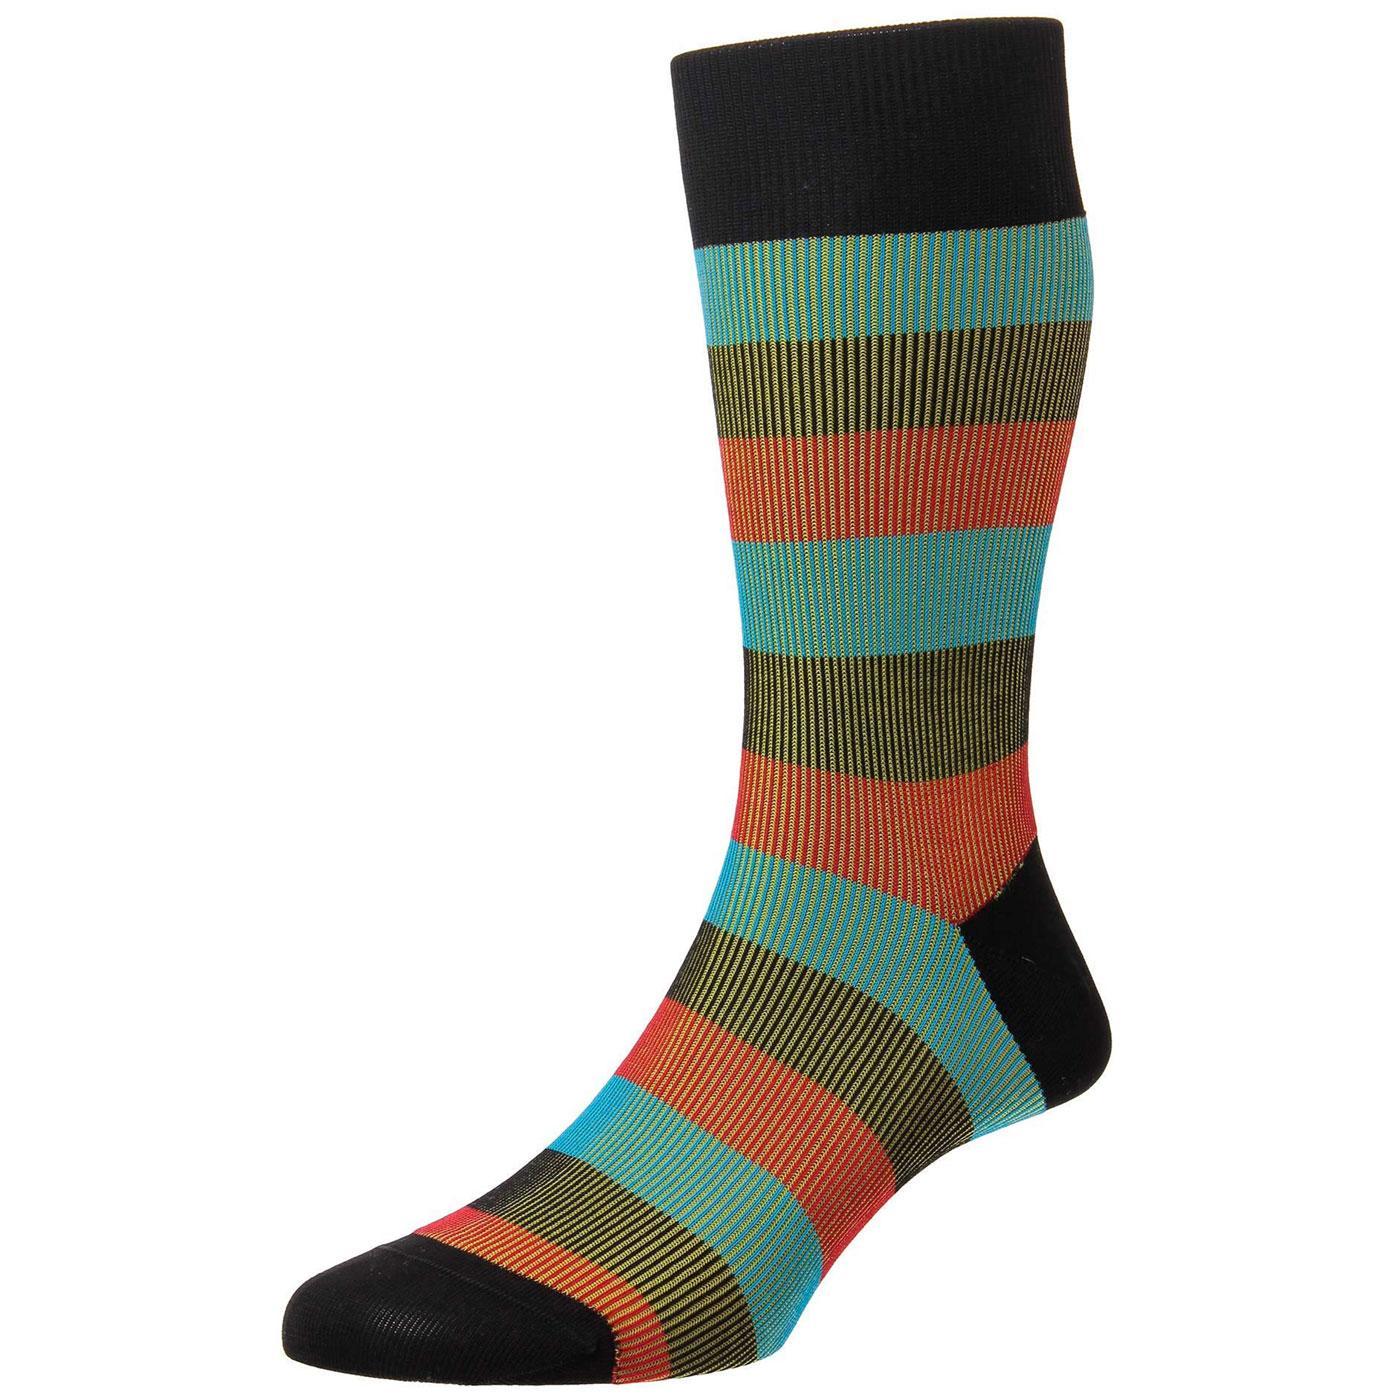 + Stirling PANTHERELLA Men's Tonic Effect Socks B